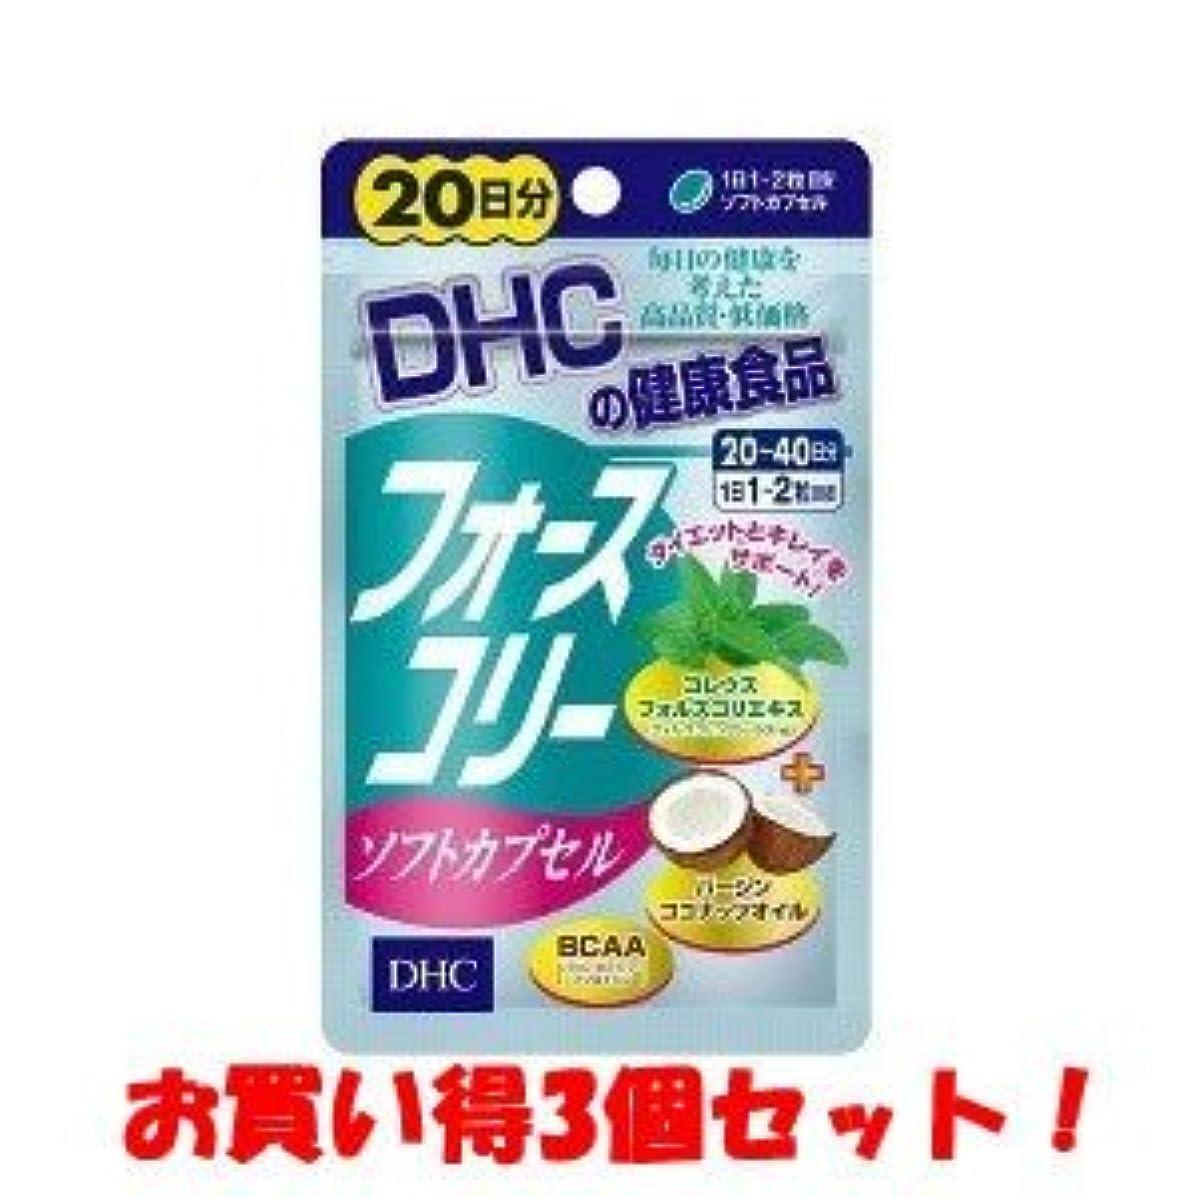 エクスタシー銀行病者(2017年春の新商品)DHC フォースコリー ソフトカプセル 20日分 40粒(お買い得3個セット)